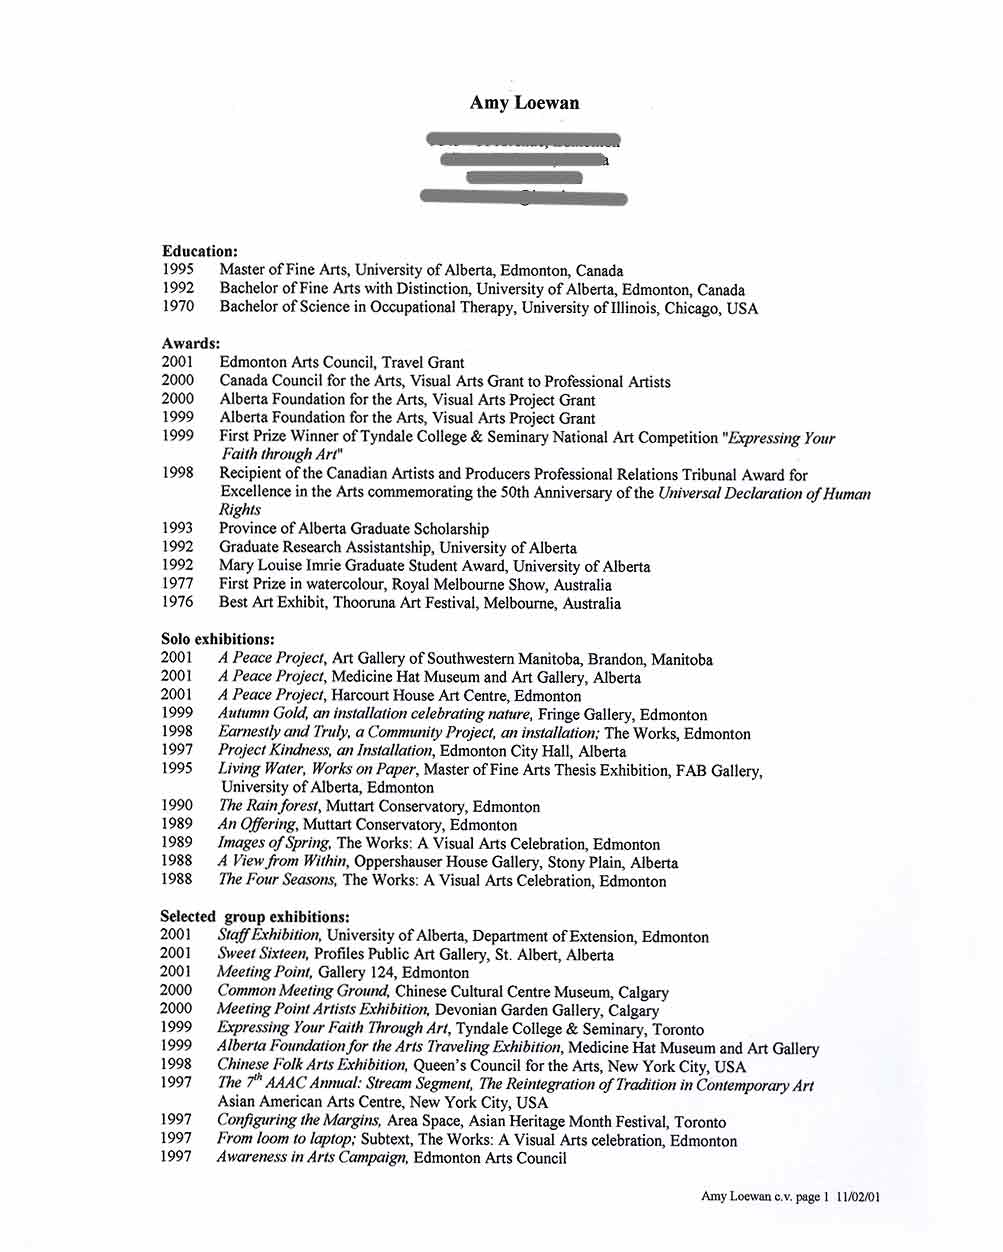 Amy Loewan's Resume, pg 1